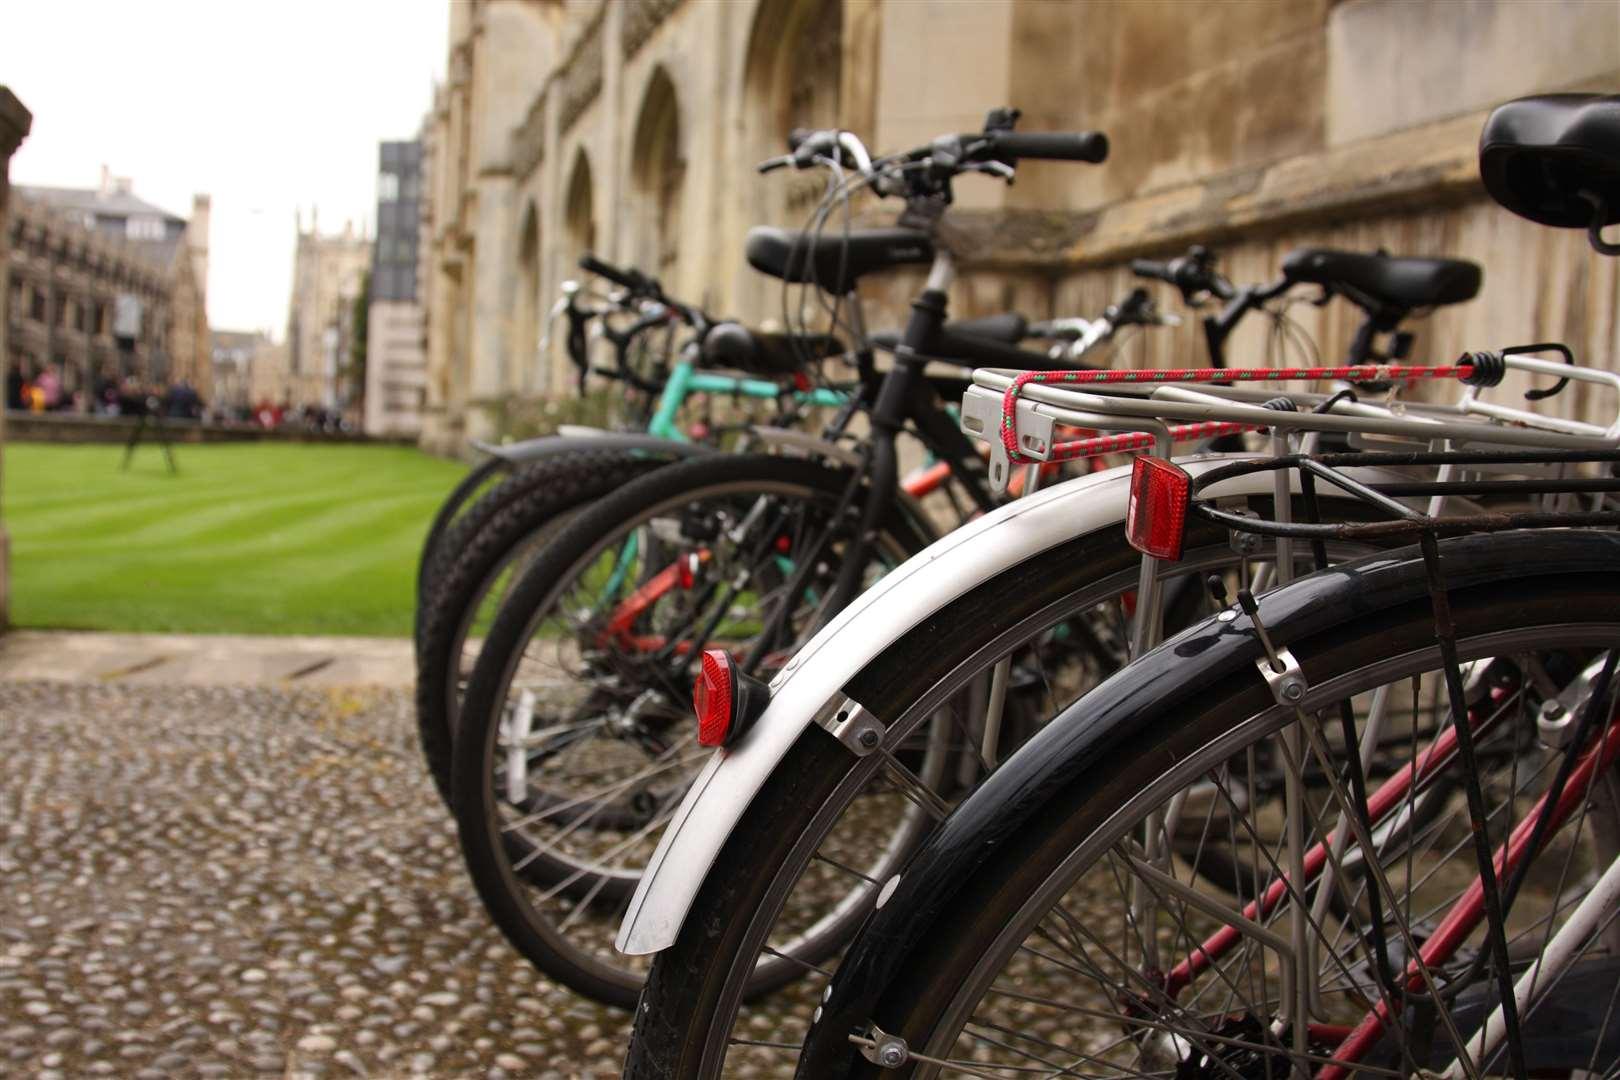 Bikes at a Cambridge college (41807119)